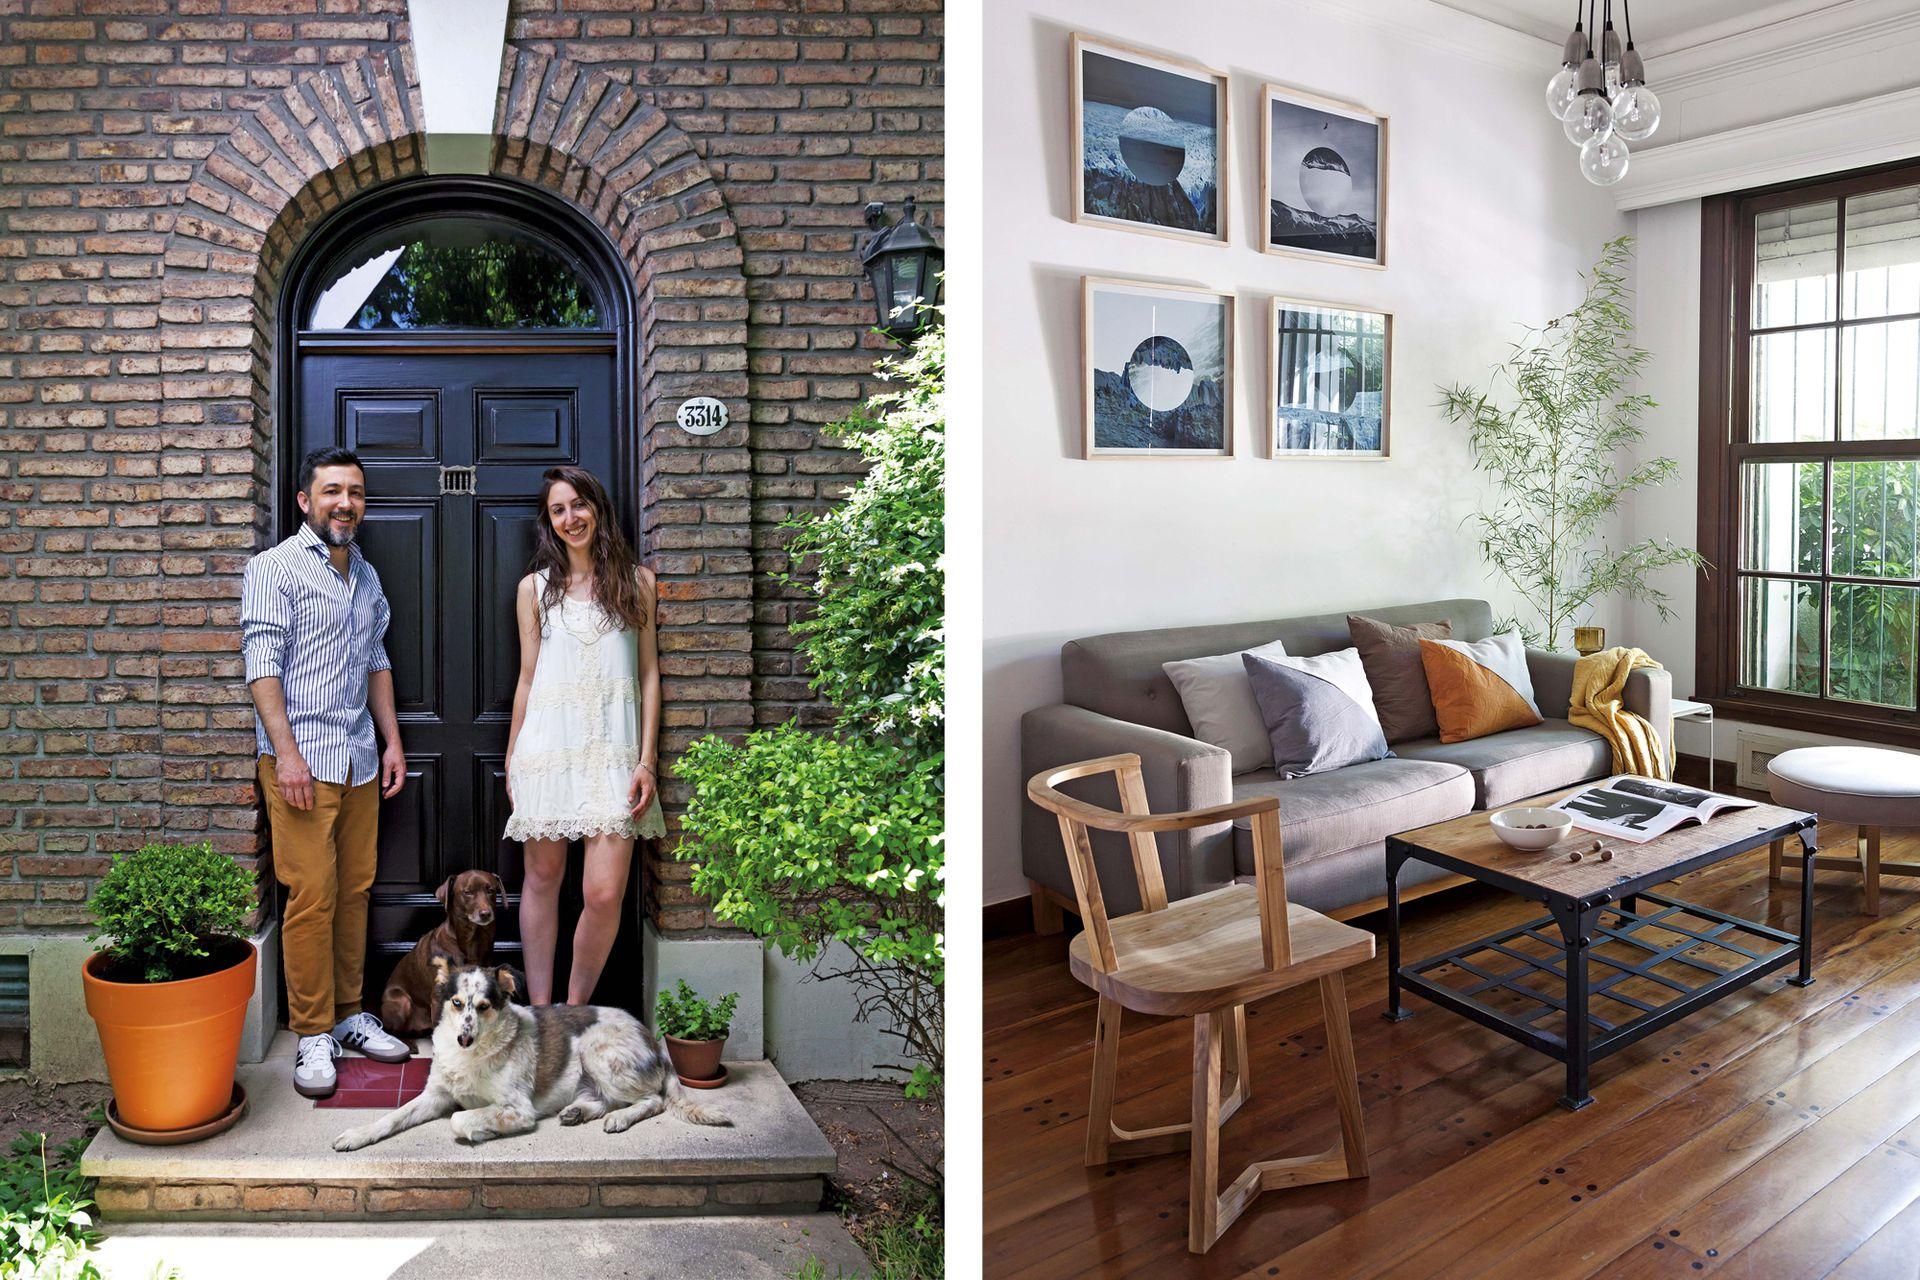 """lueGo de Haber visto casas londinenses con puertas de colores y eleGantes Frentes, esta entrada con patiecito los cautivó. """"¿Cómo Hacemos con dos mascotas sin jardín? El barrio ayuda; es lindísimo para sacarlos a pasear""""."""